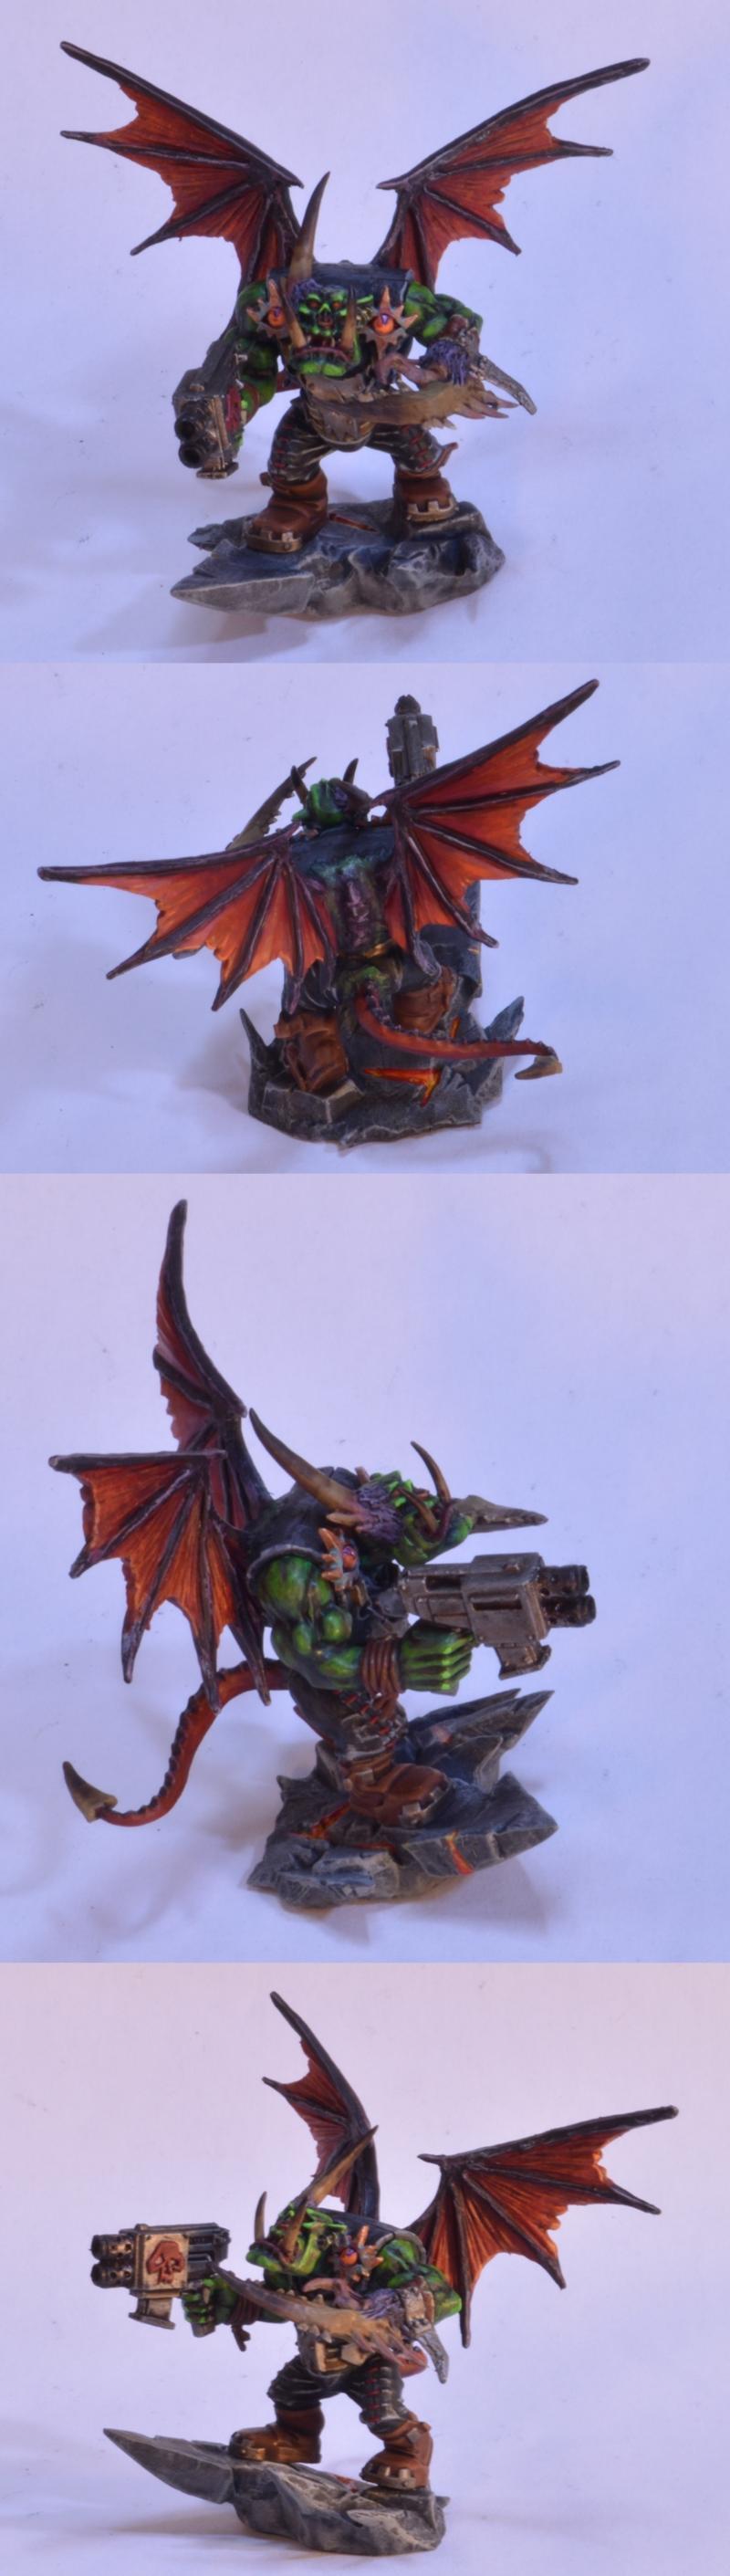 Chaos, Choas Ork, Daemons, Orks, Possessed Ork